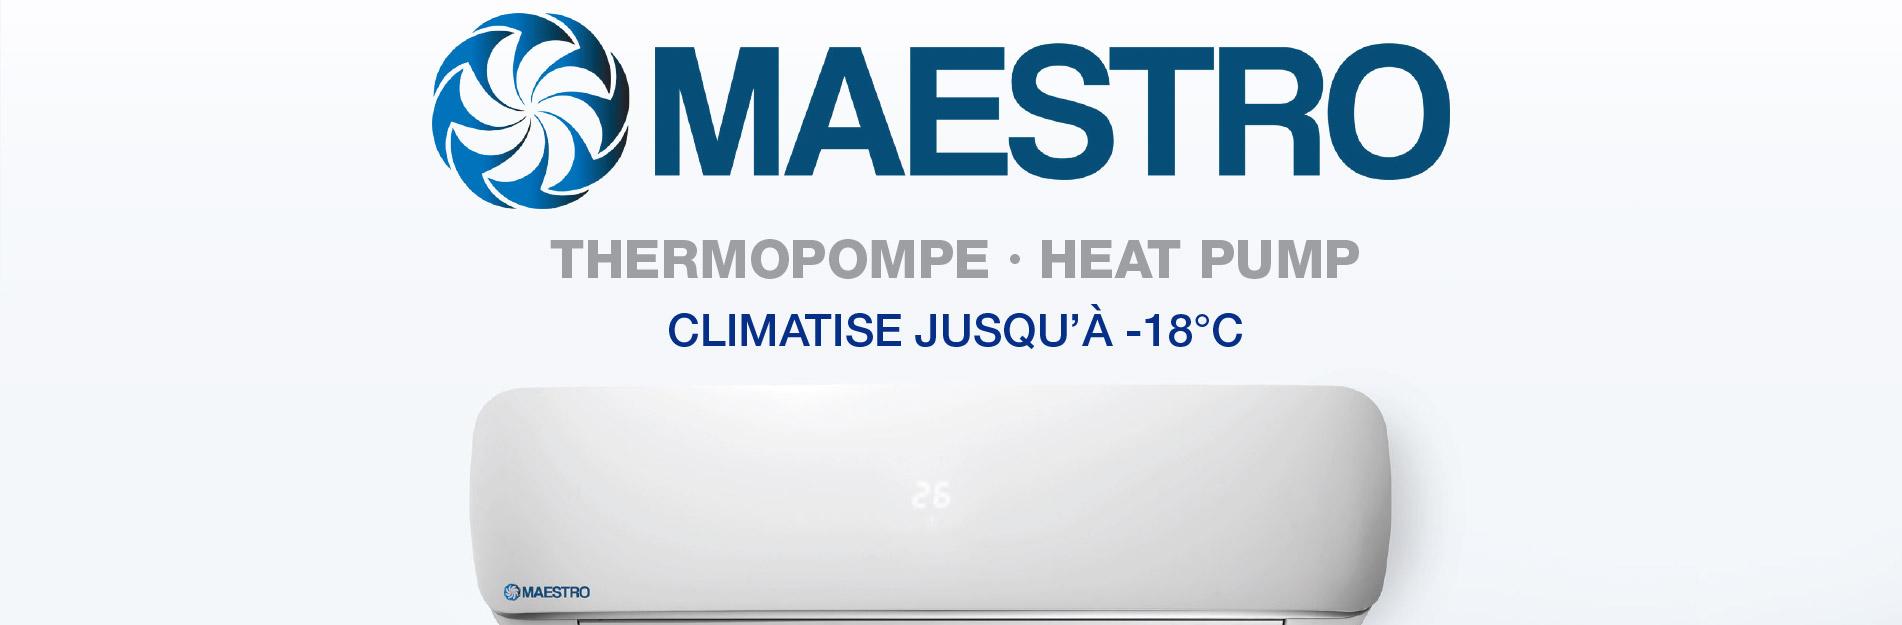 thermopompe murale maestro